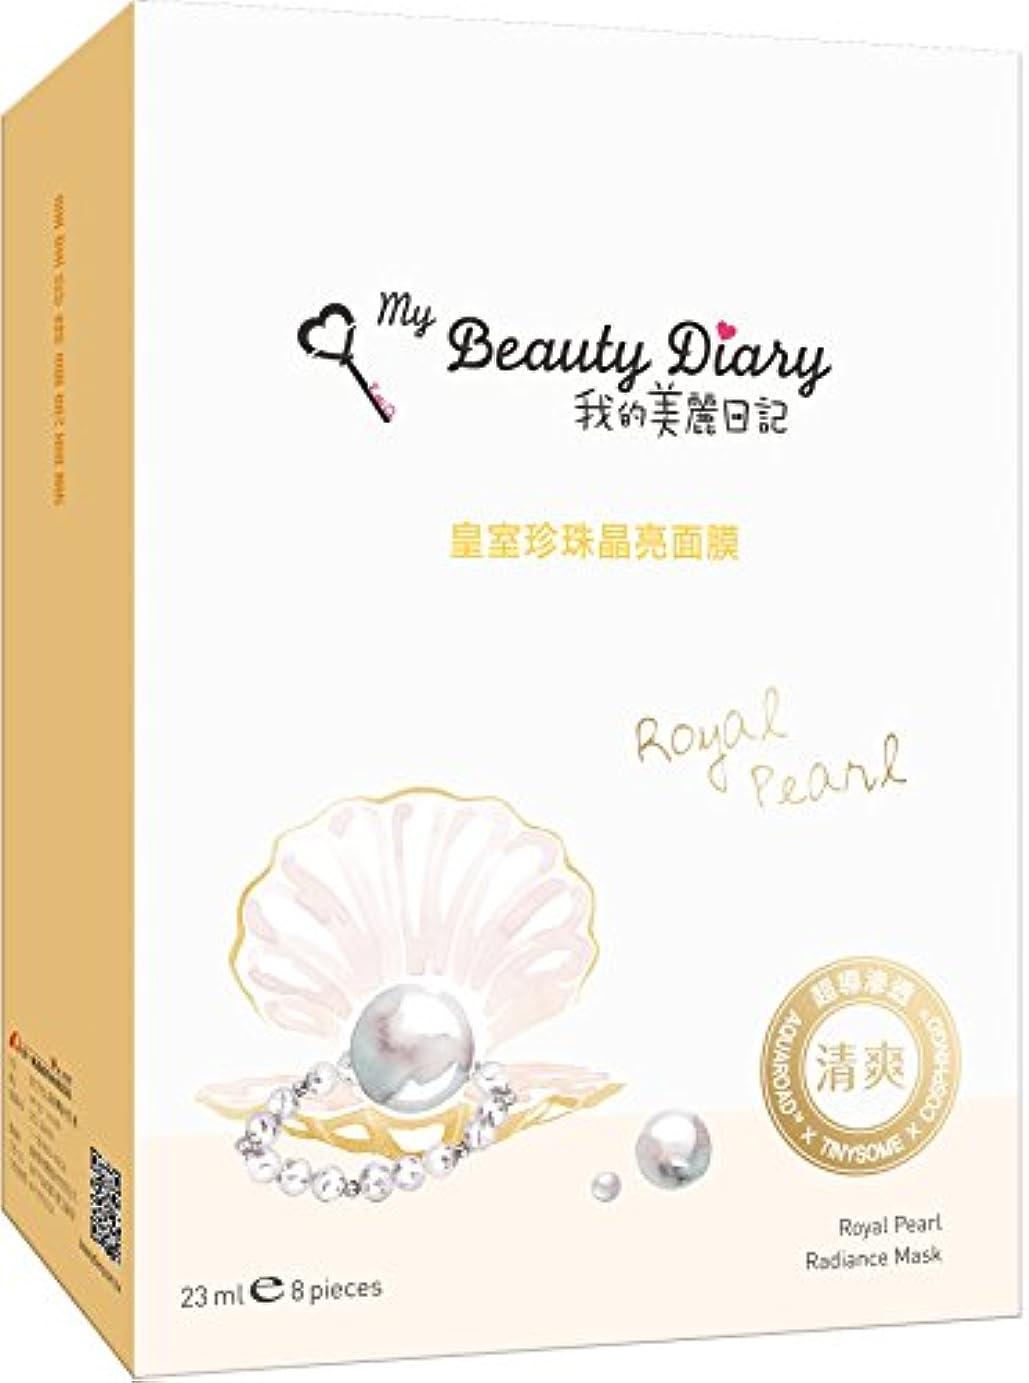 キャップ矩形行う《我的美麗日記》 私のきれい日記 ロイヤルパールマスク 8枚入り 《台湾 お土産》 [並行輸入品]